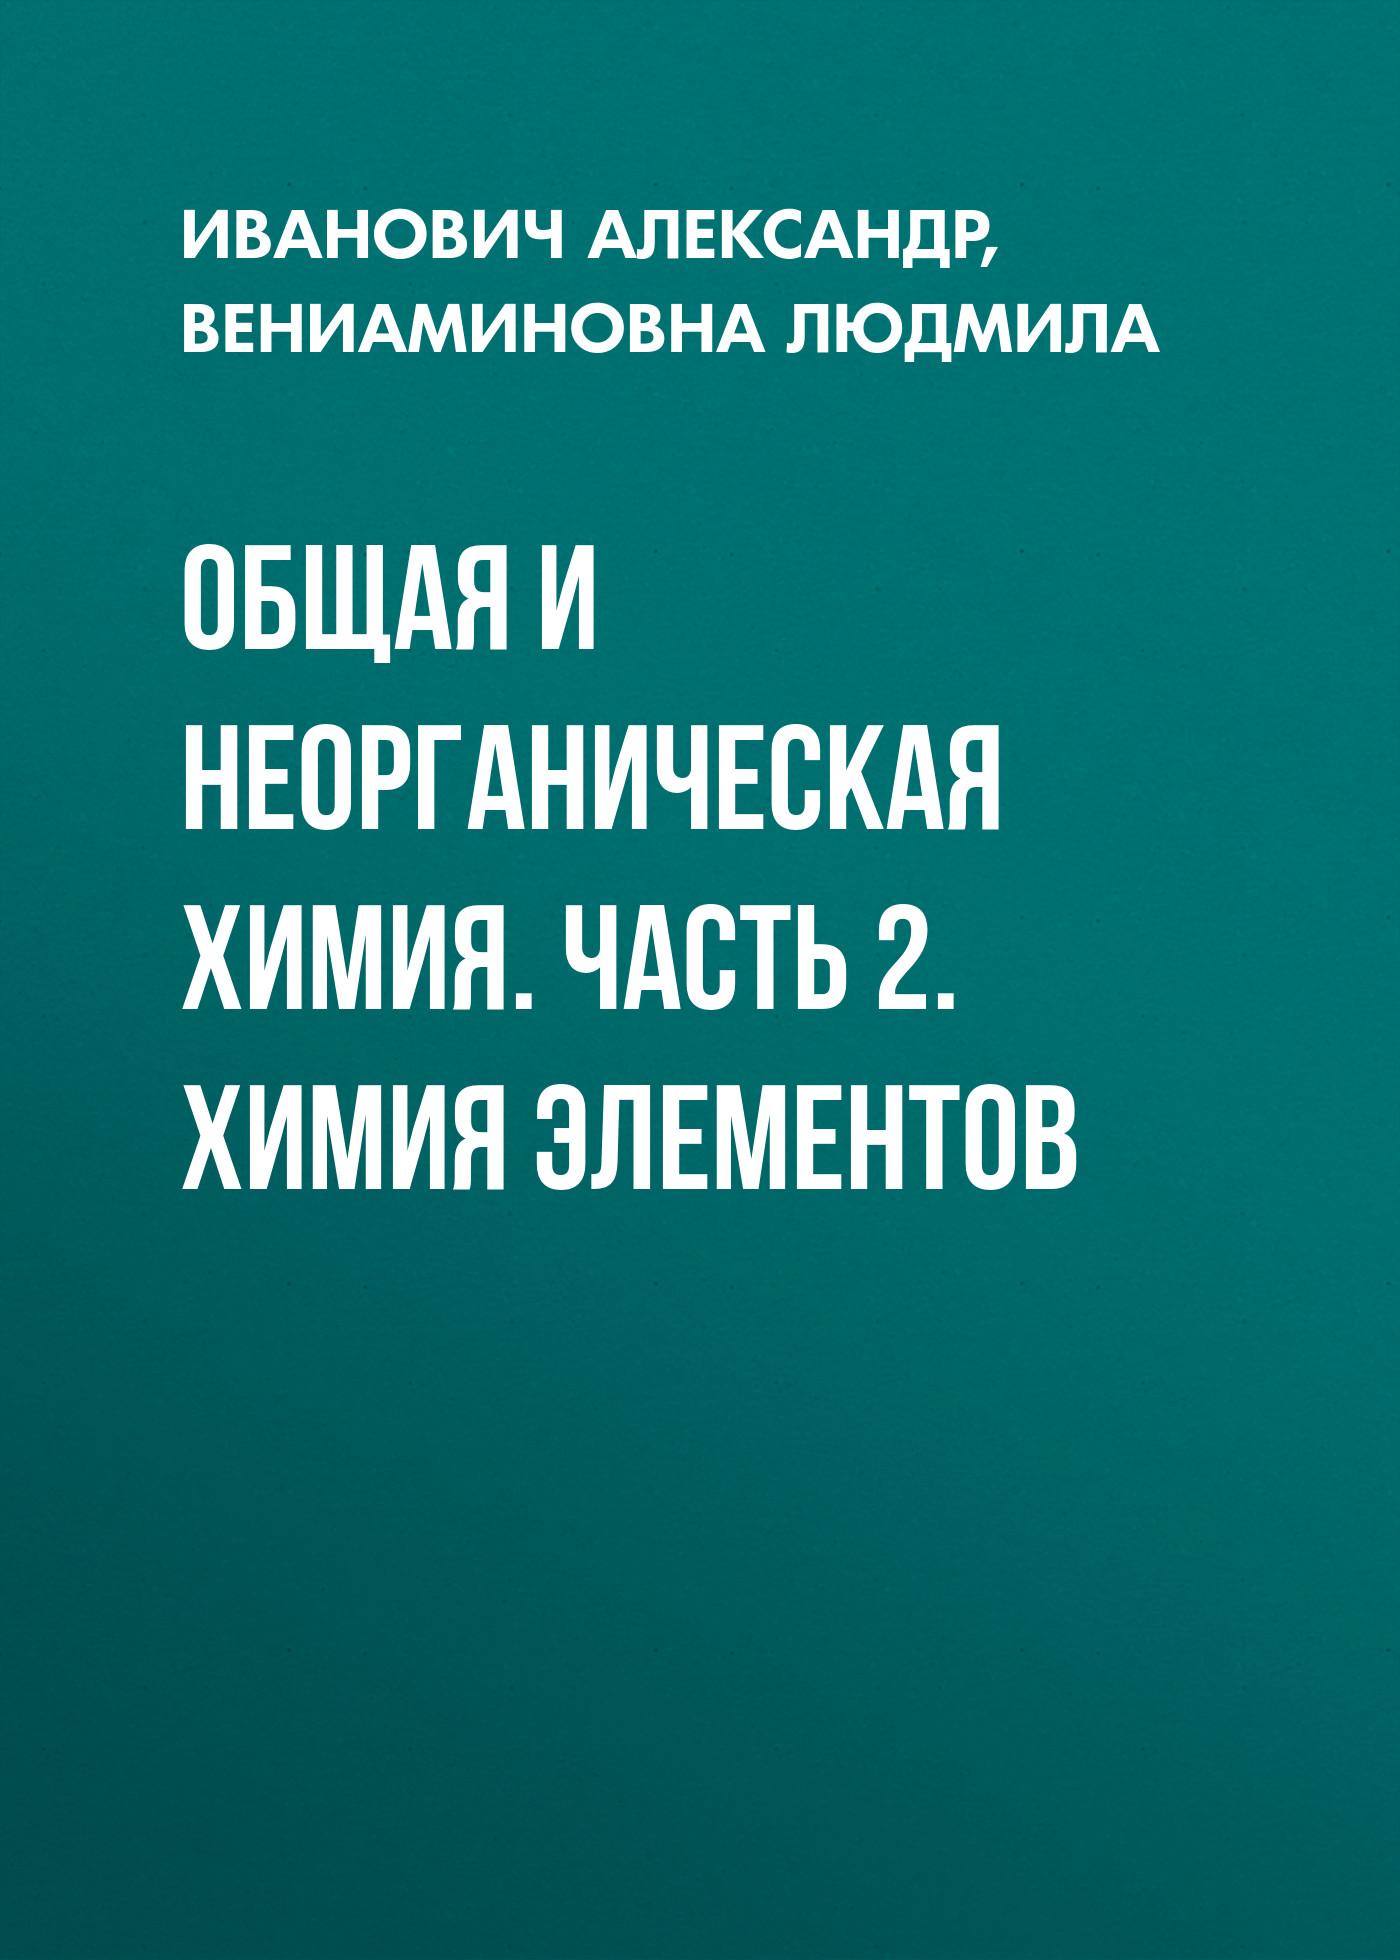 Иванович Александр Общая и неорганическая химия. Часть 2. Химия элементов